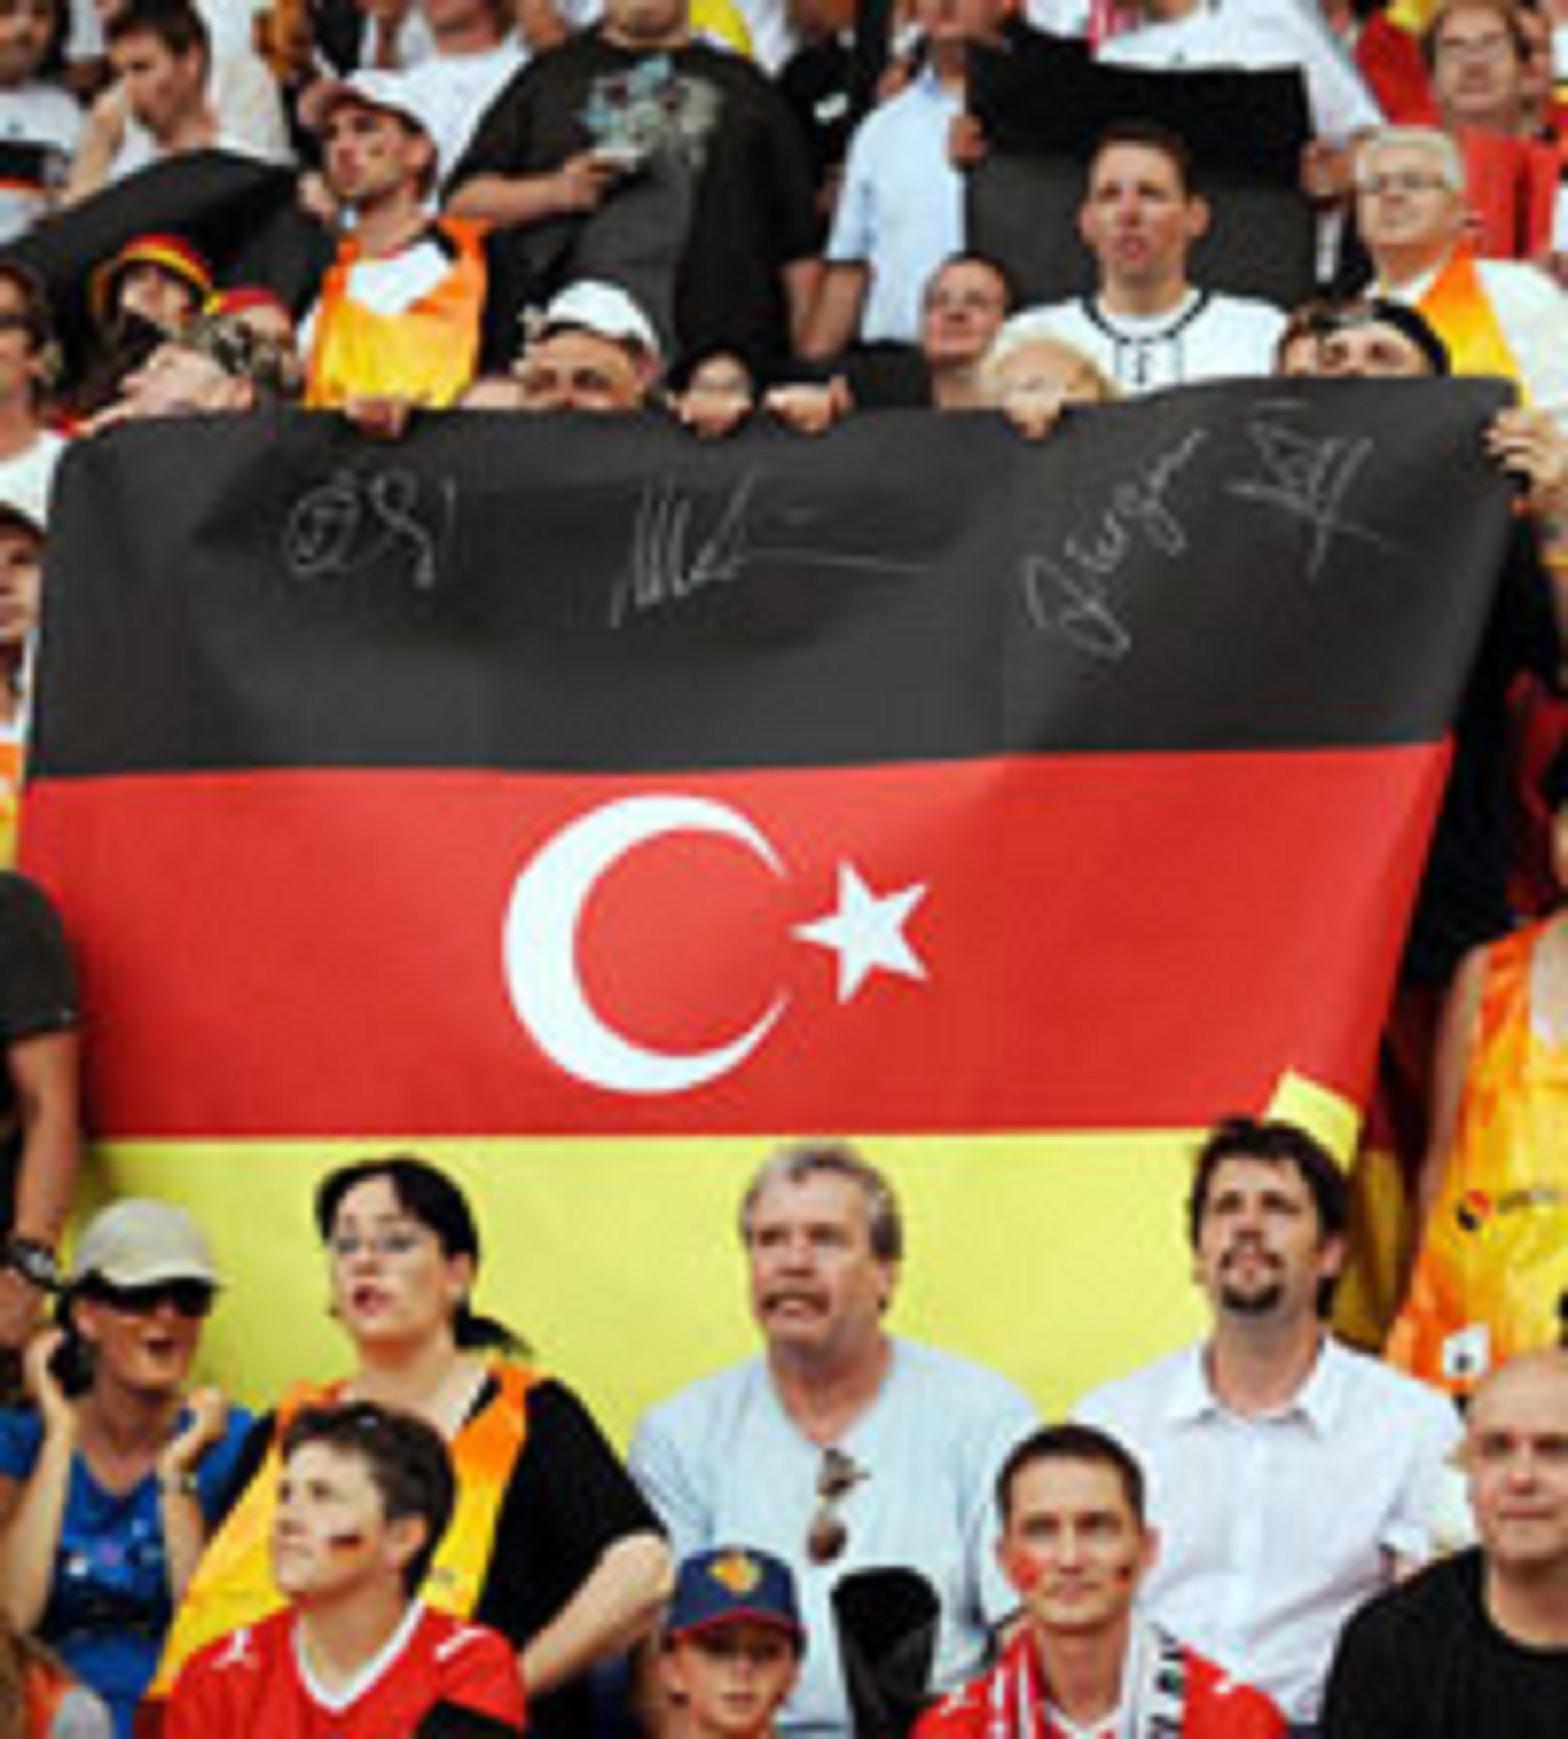 Οἱ Τοῦρκοι φόρτωσαν στὴν Γερμανία τοὺς τεμπέληδές τους!!!5